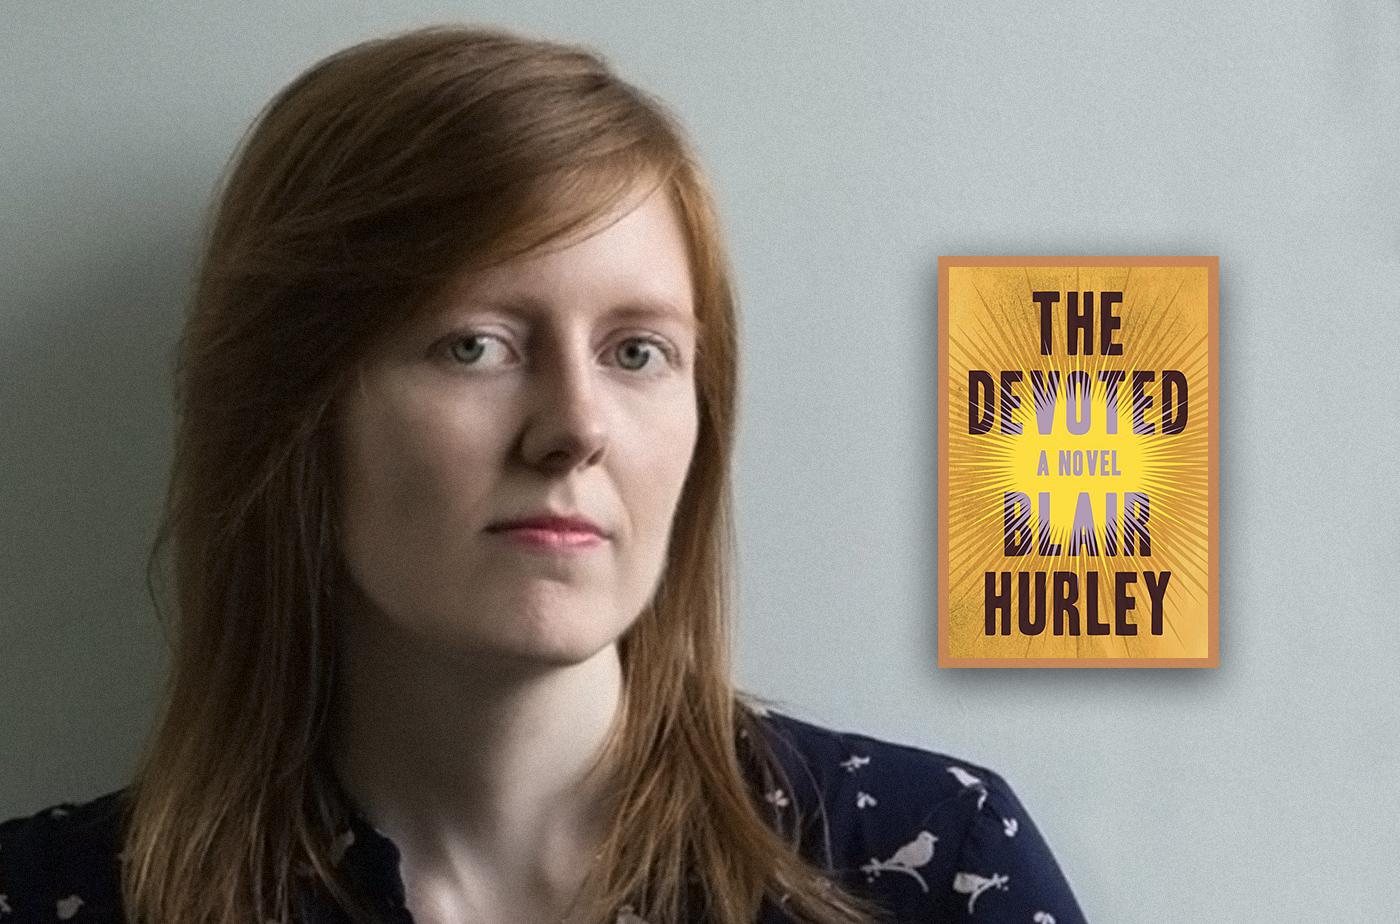 Catapult online classes: Blair Hurley, 6-Week Online Fiction Workshop: Building Powerful Scenes in Fiction, Fiction, Workshop